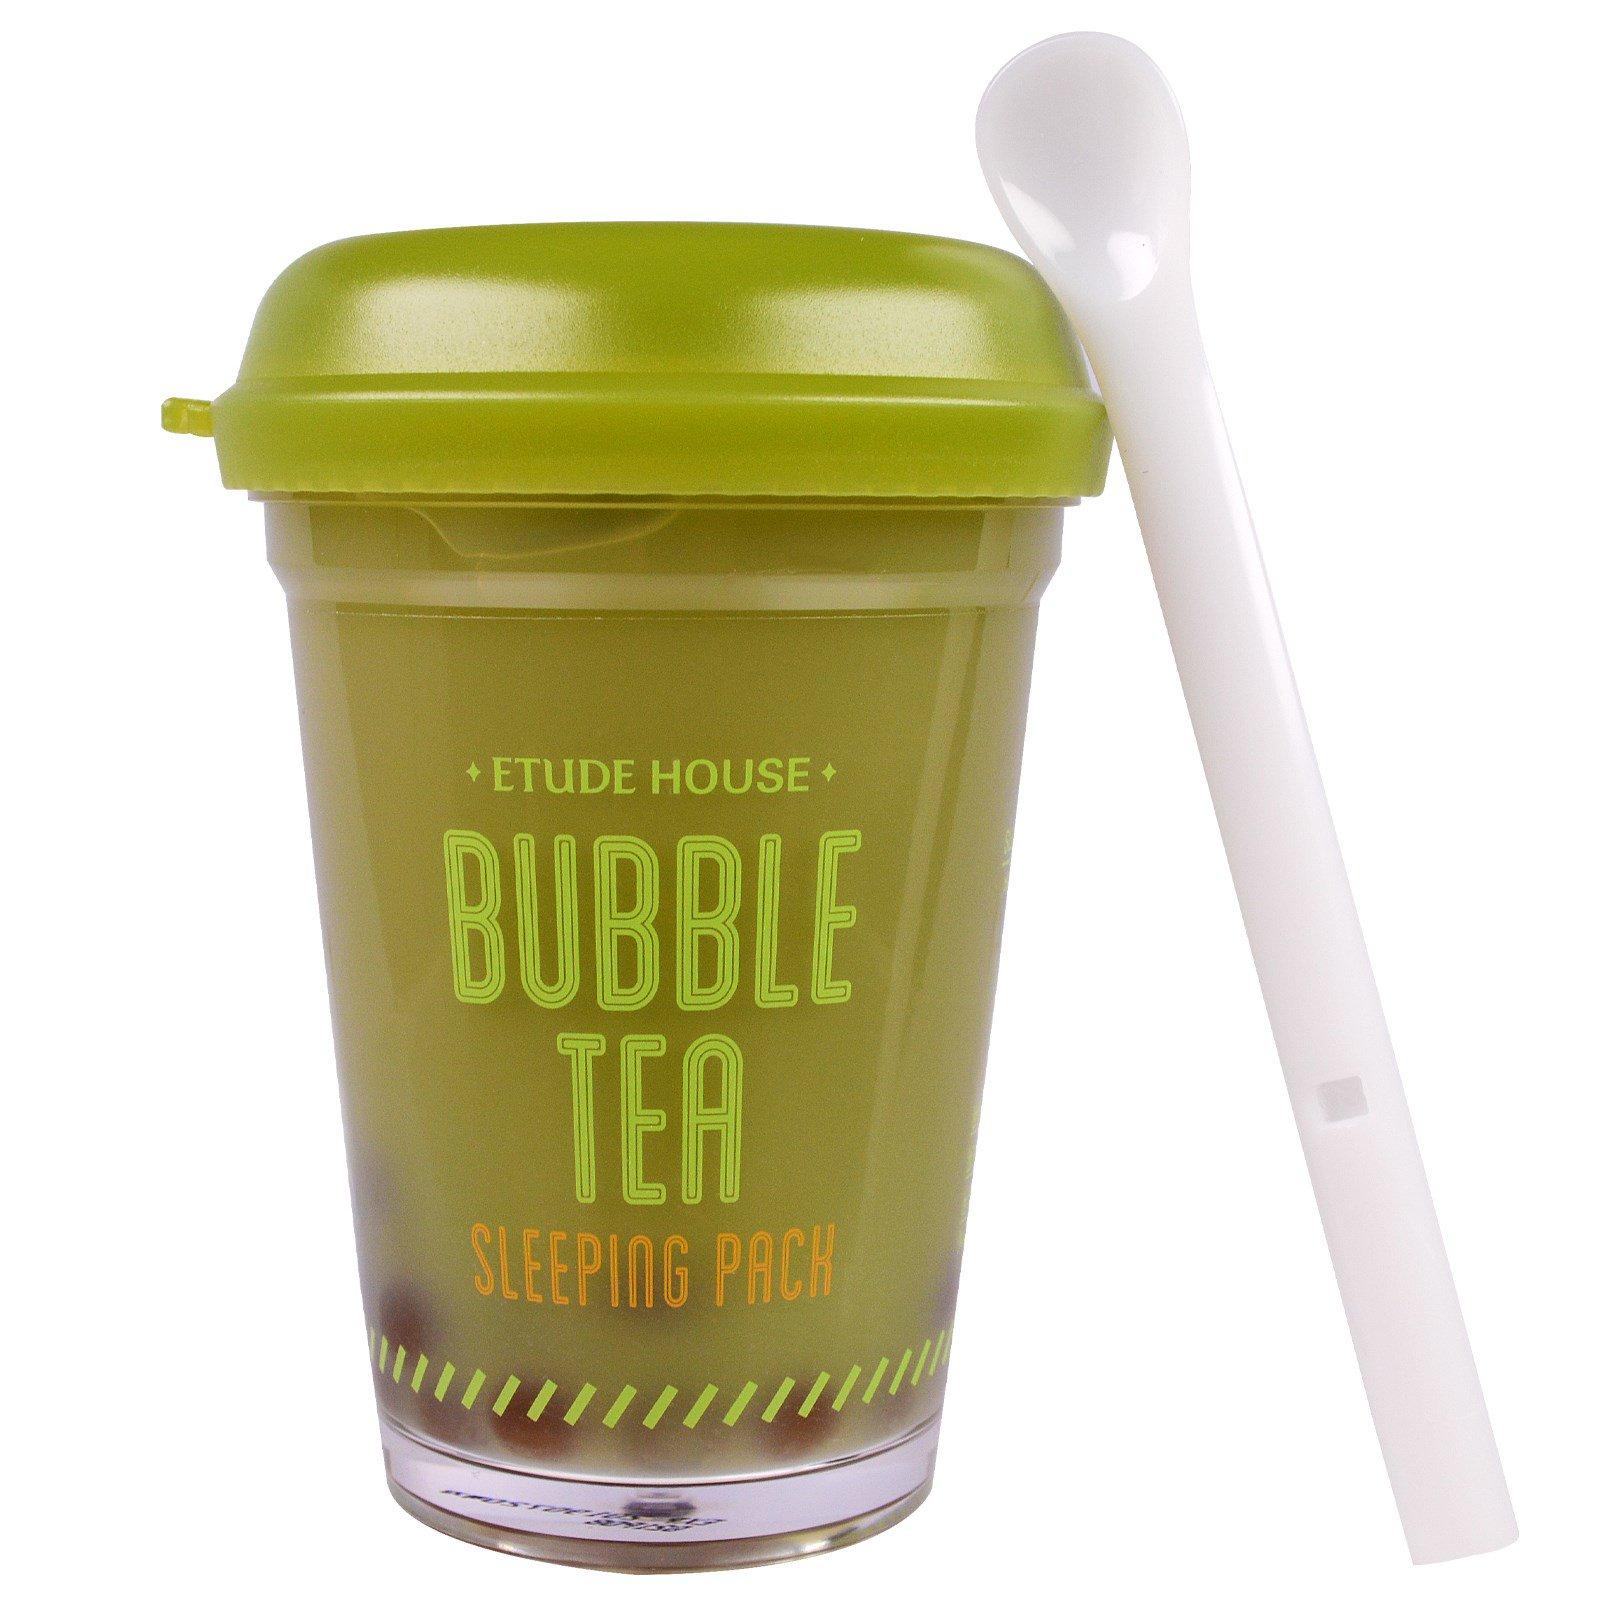 Bubble tea green tea